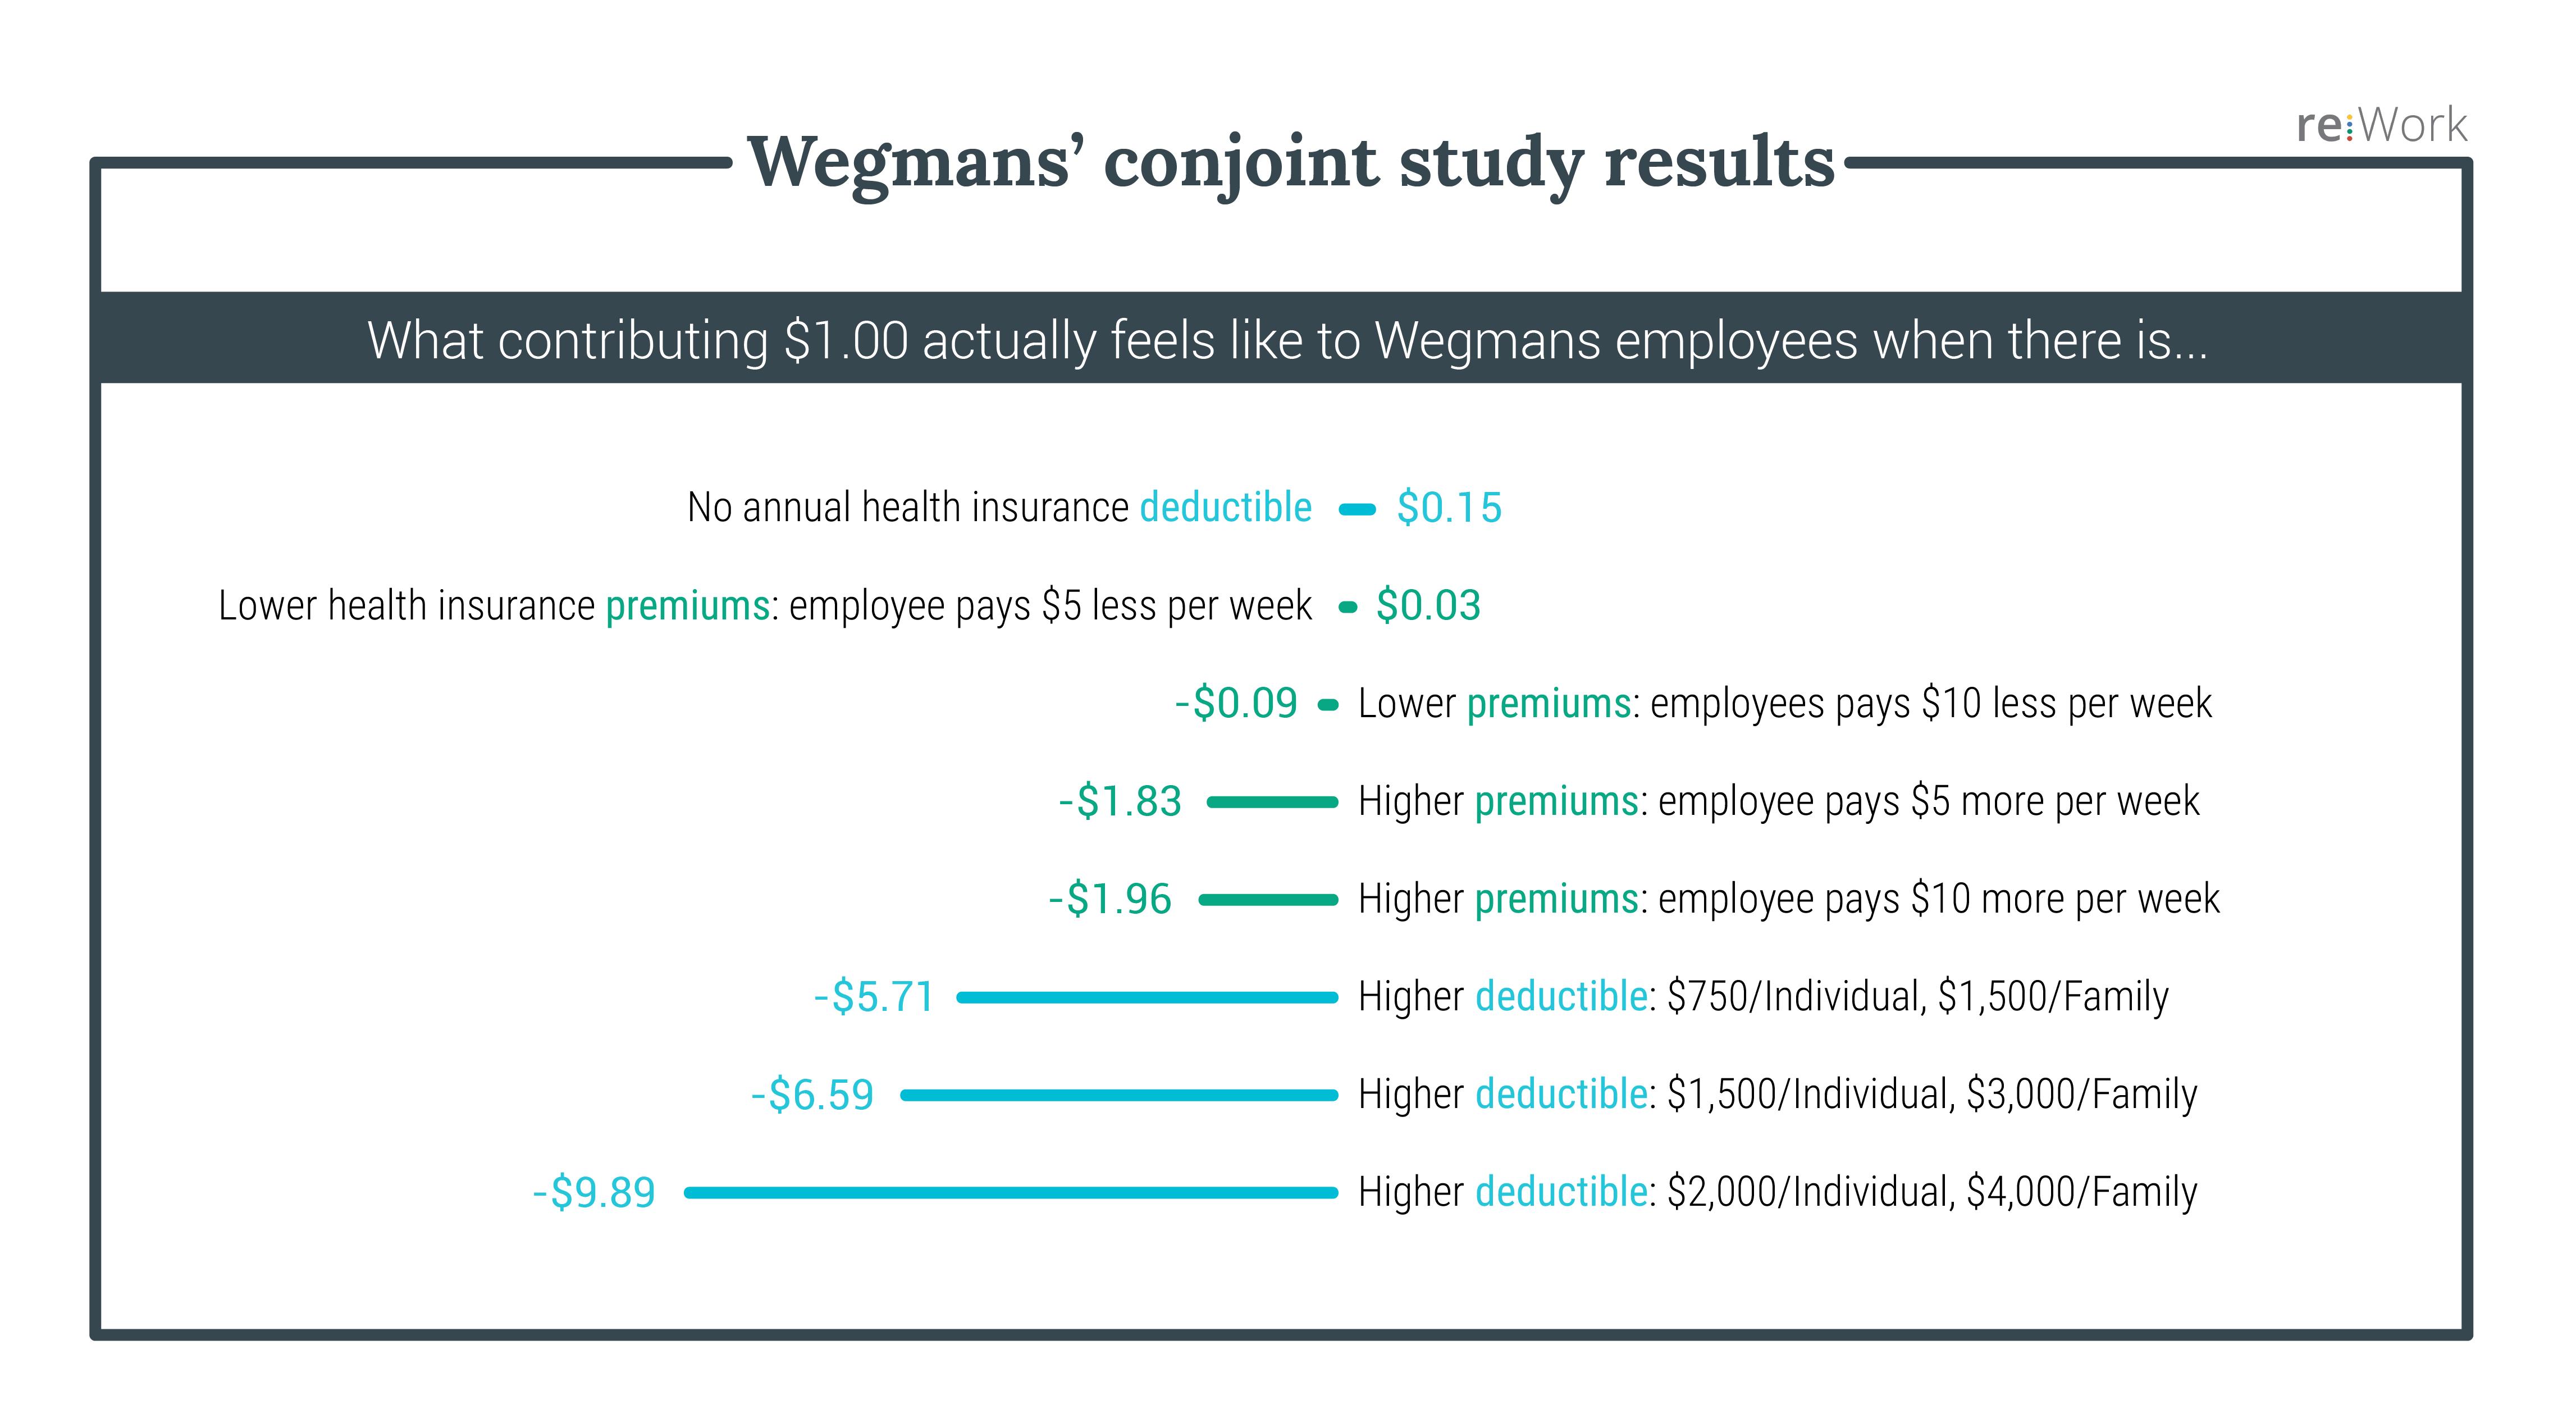 Wegmans: оценка ценности корпоративных льгот для сотрудников